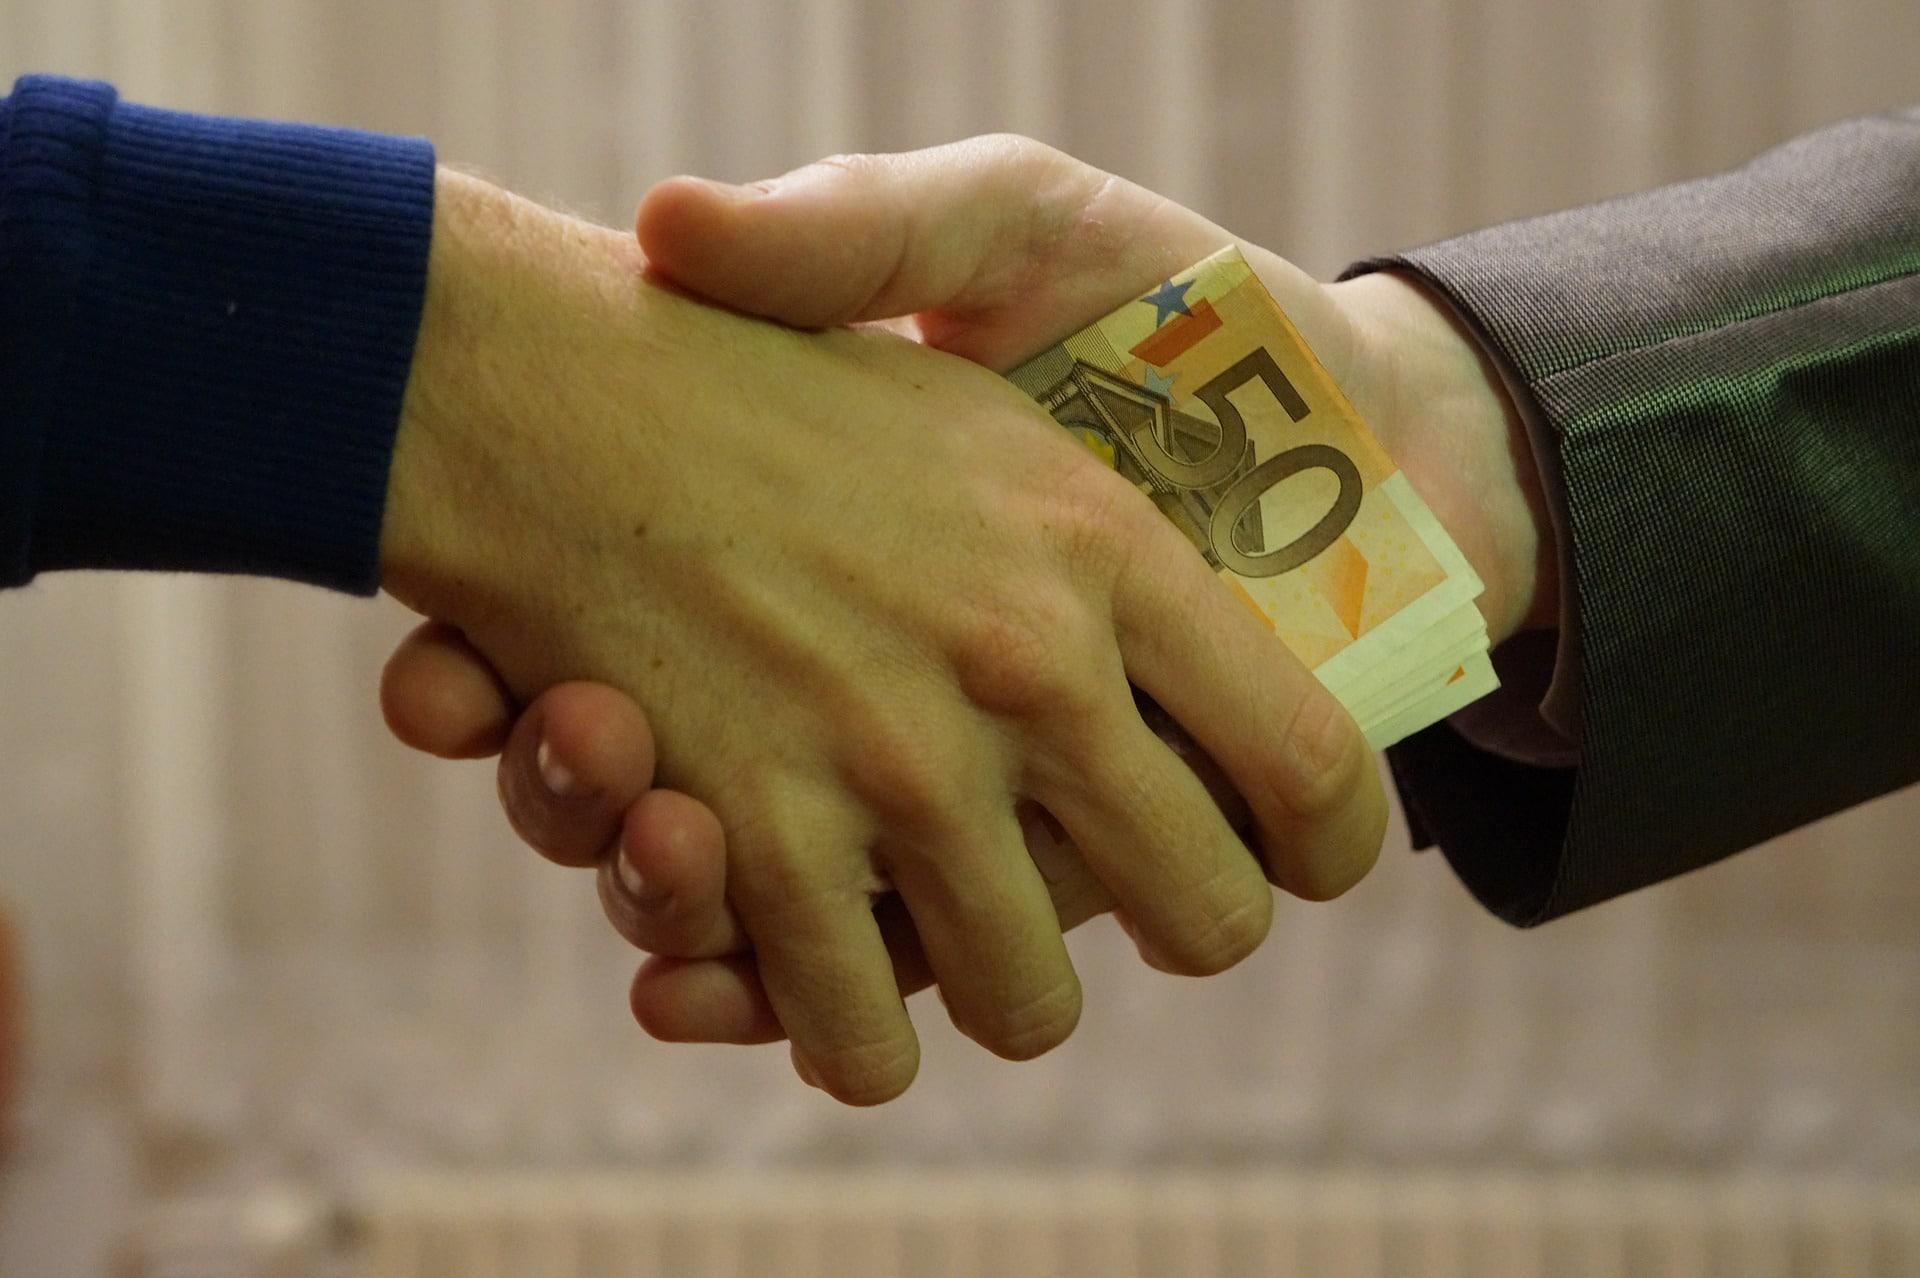 עורכי דין שידלו לקוחות לתת ביקורות לצורך קידום בגוגל לעסק שלי – האם זה הלך להם?